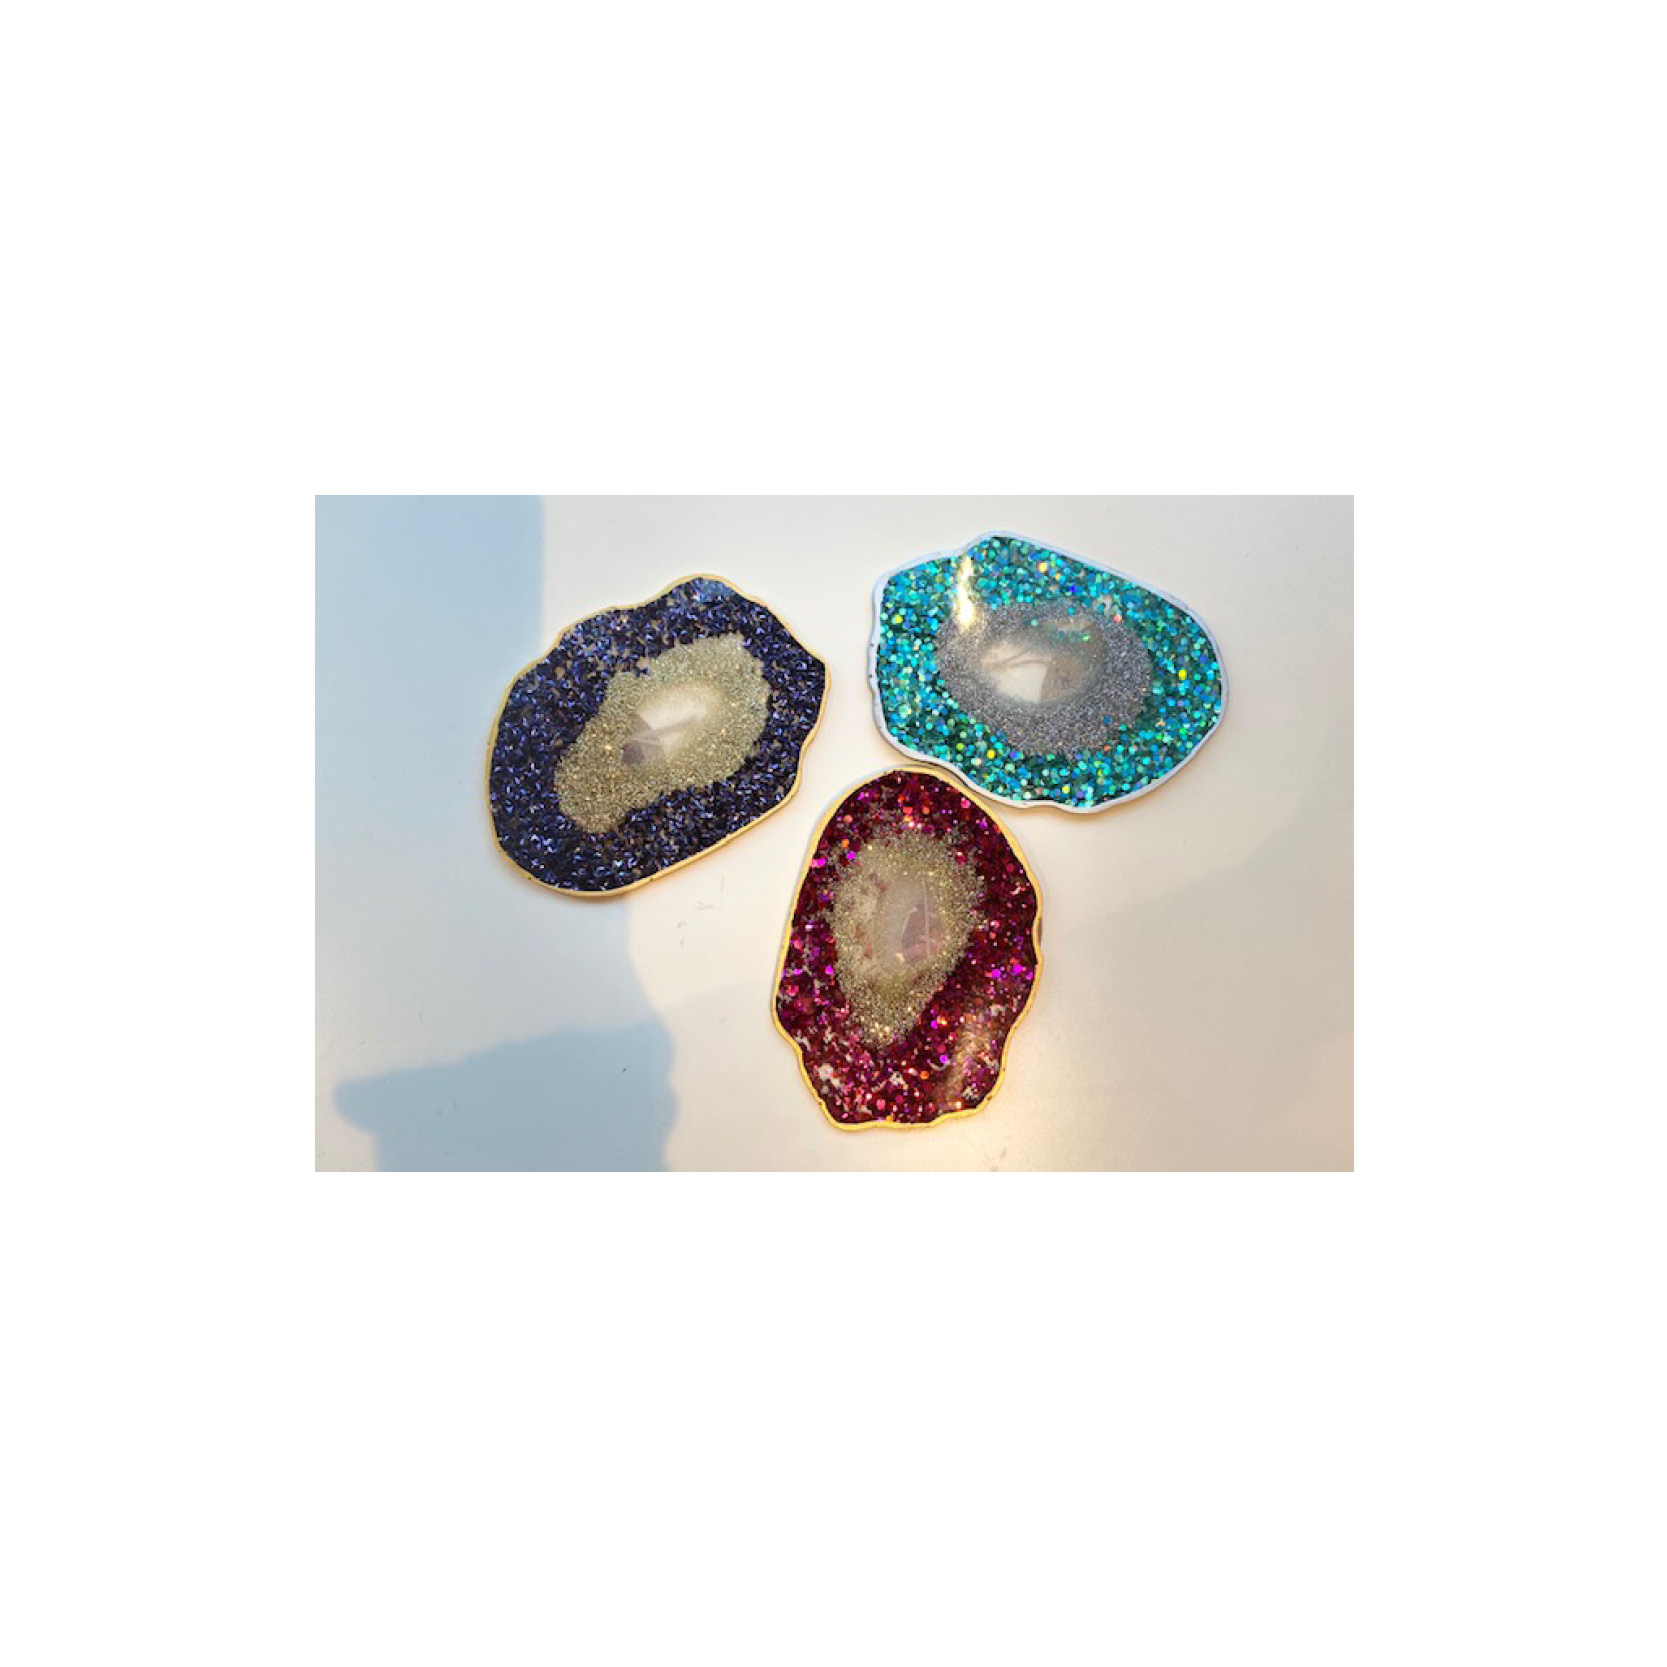 Chantal - Geode Glitter coaster